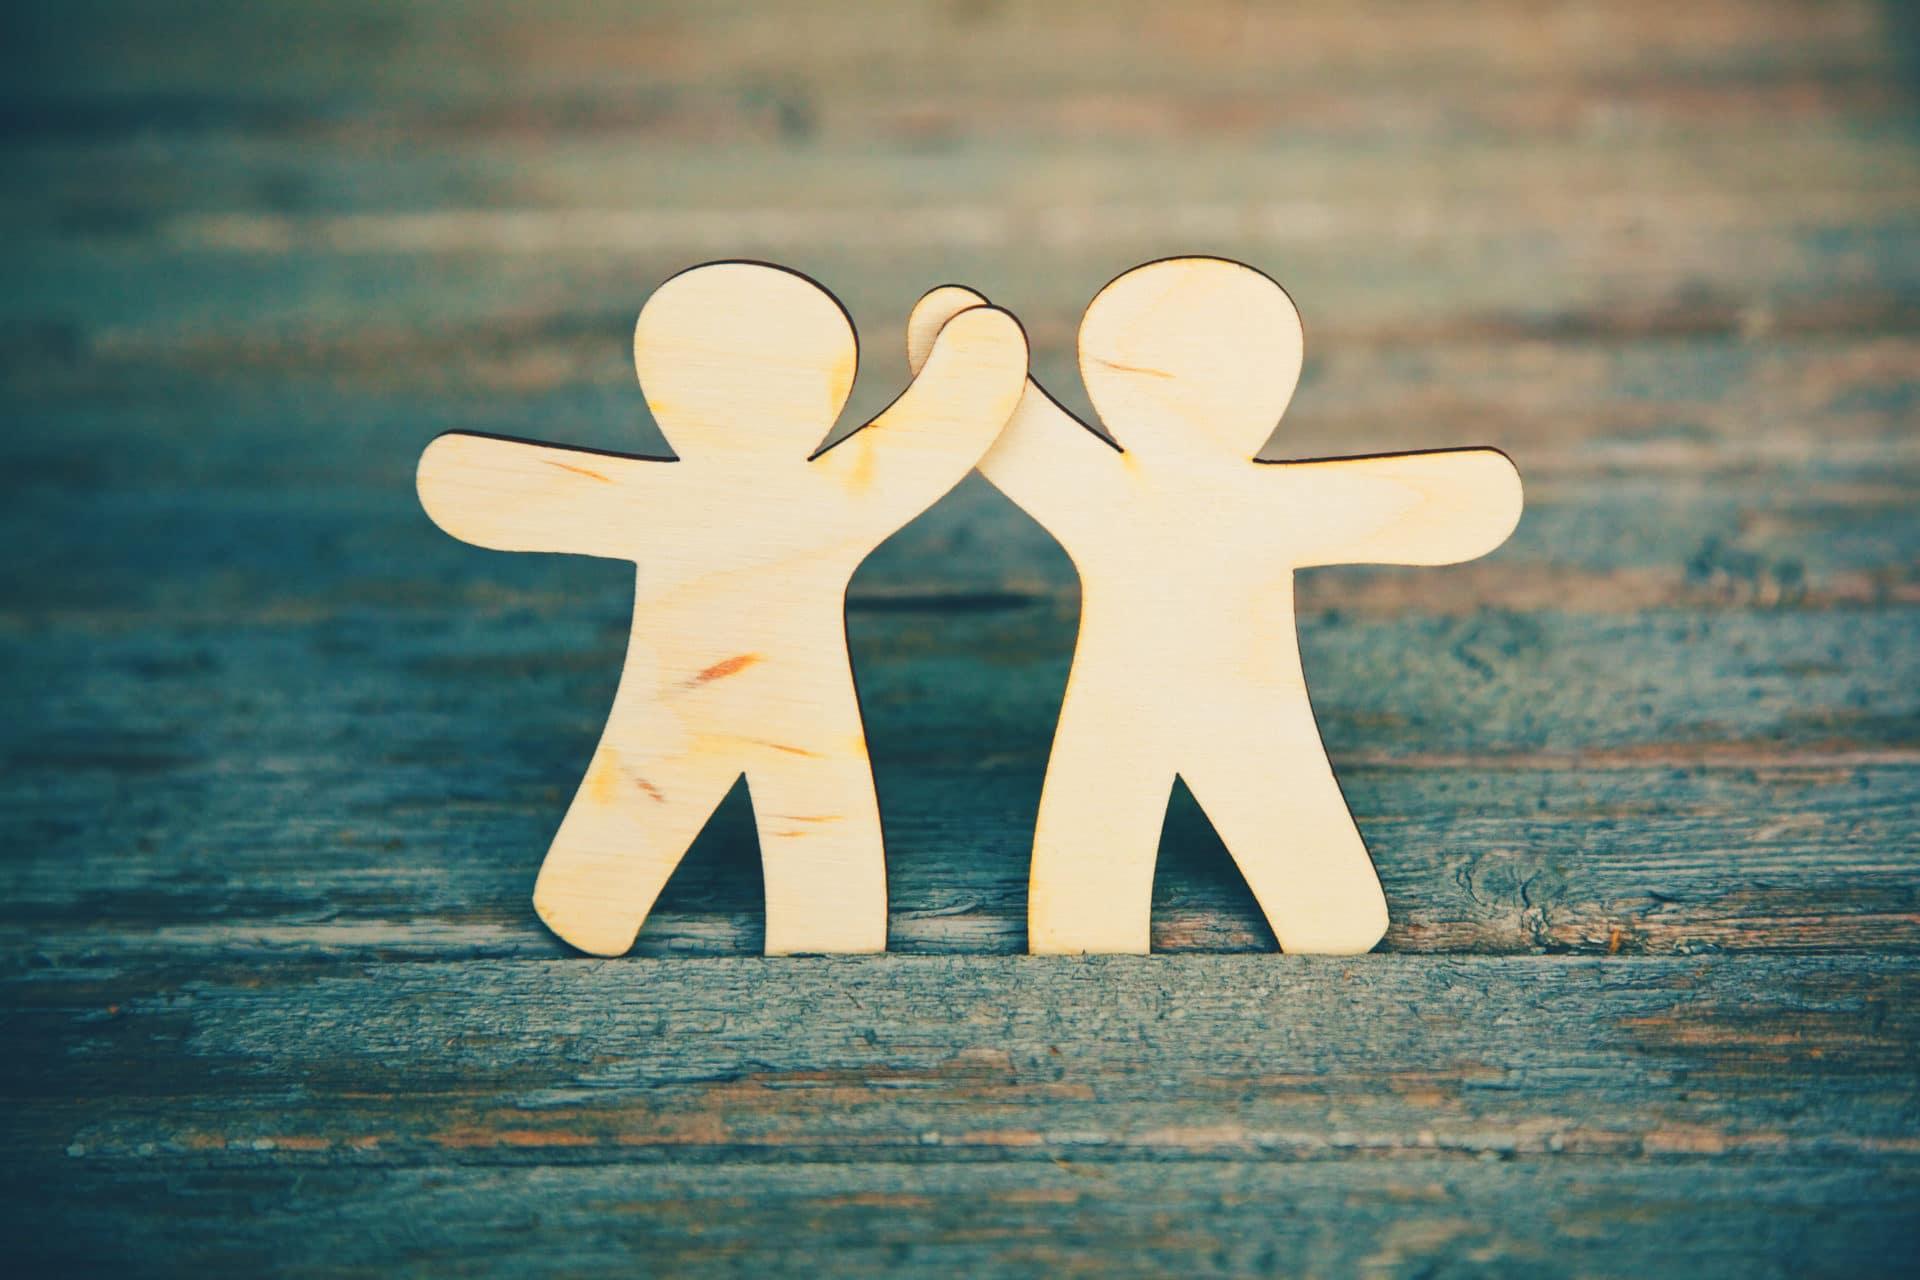 Câu chuyện hay về Bạn bè và Tình bạn thực sự! » Chia sẻ để vui vẻ